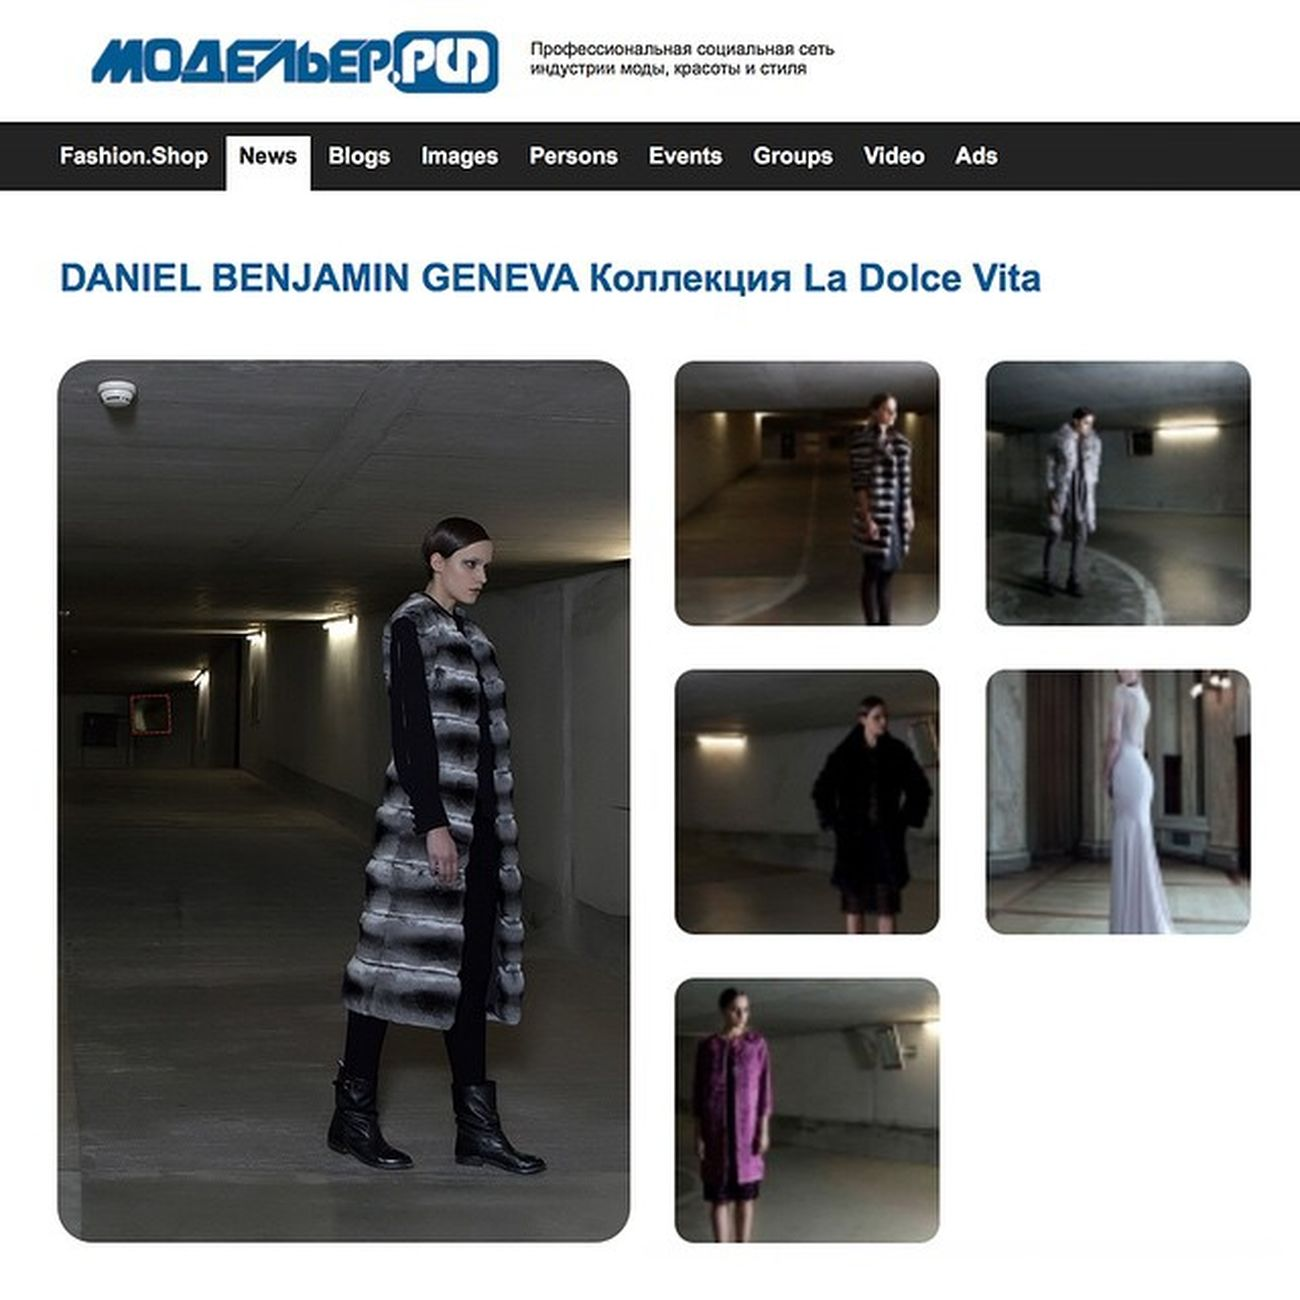 La Dolce Vita collection of Daniel Benjamin Geneva@danielbenjamingenevaModeler Danielbenjamin Fürs